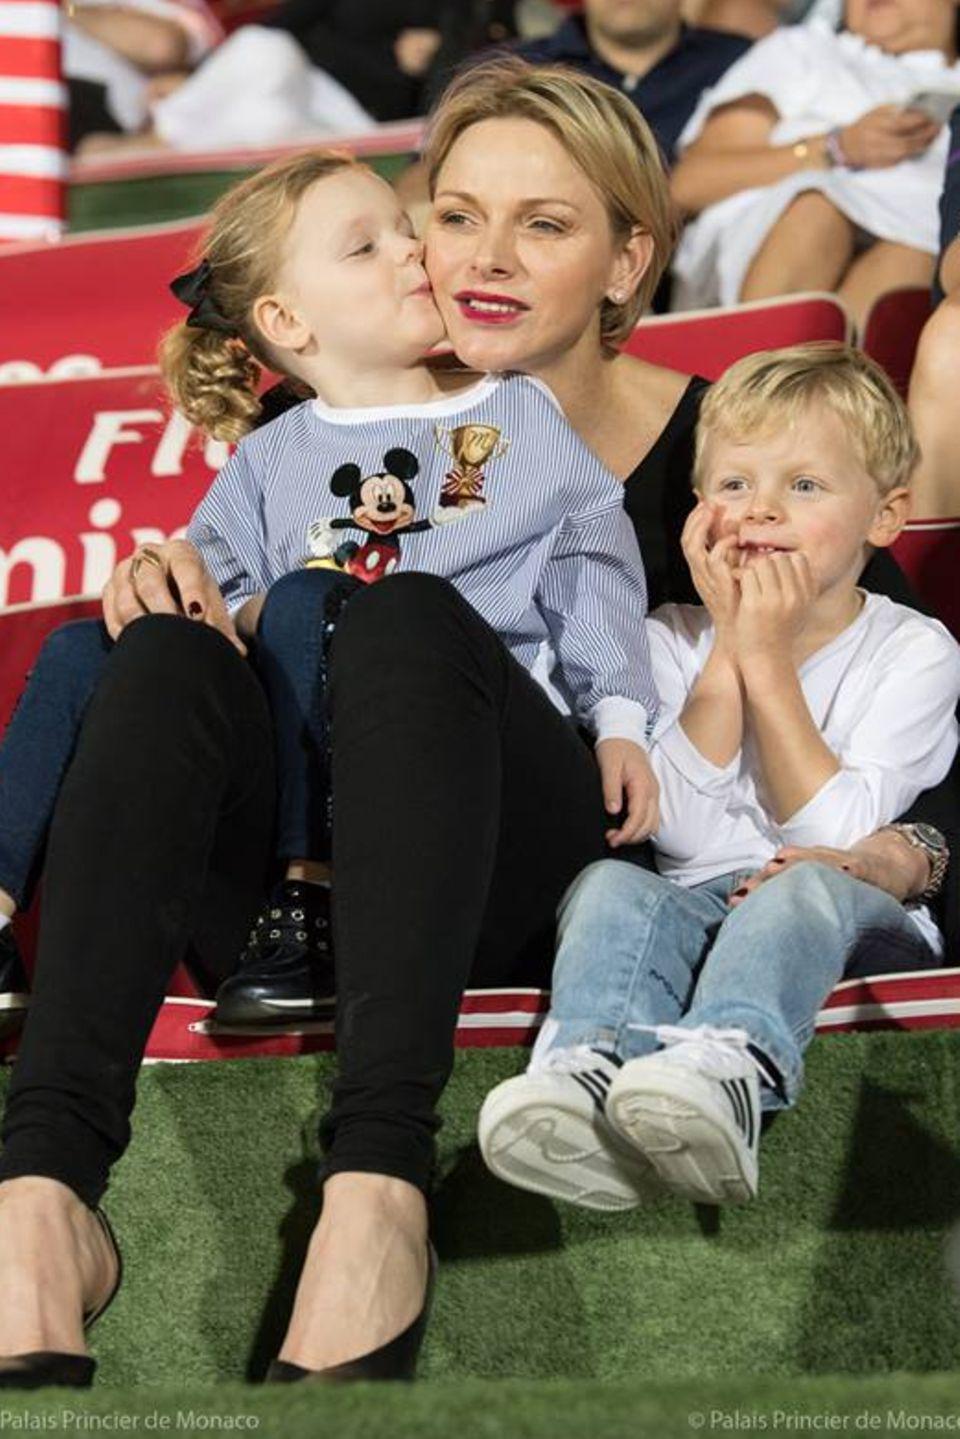 1. Dezember 2018  Fürstin Charlène besucht mit den Zwillingen Gabriella und Jacques ein Rugby-Spiel in Dubai. Während der kleine Prinz das Spiel gespannt verfolgt, kuschelt seine Schwester mit Mama.